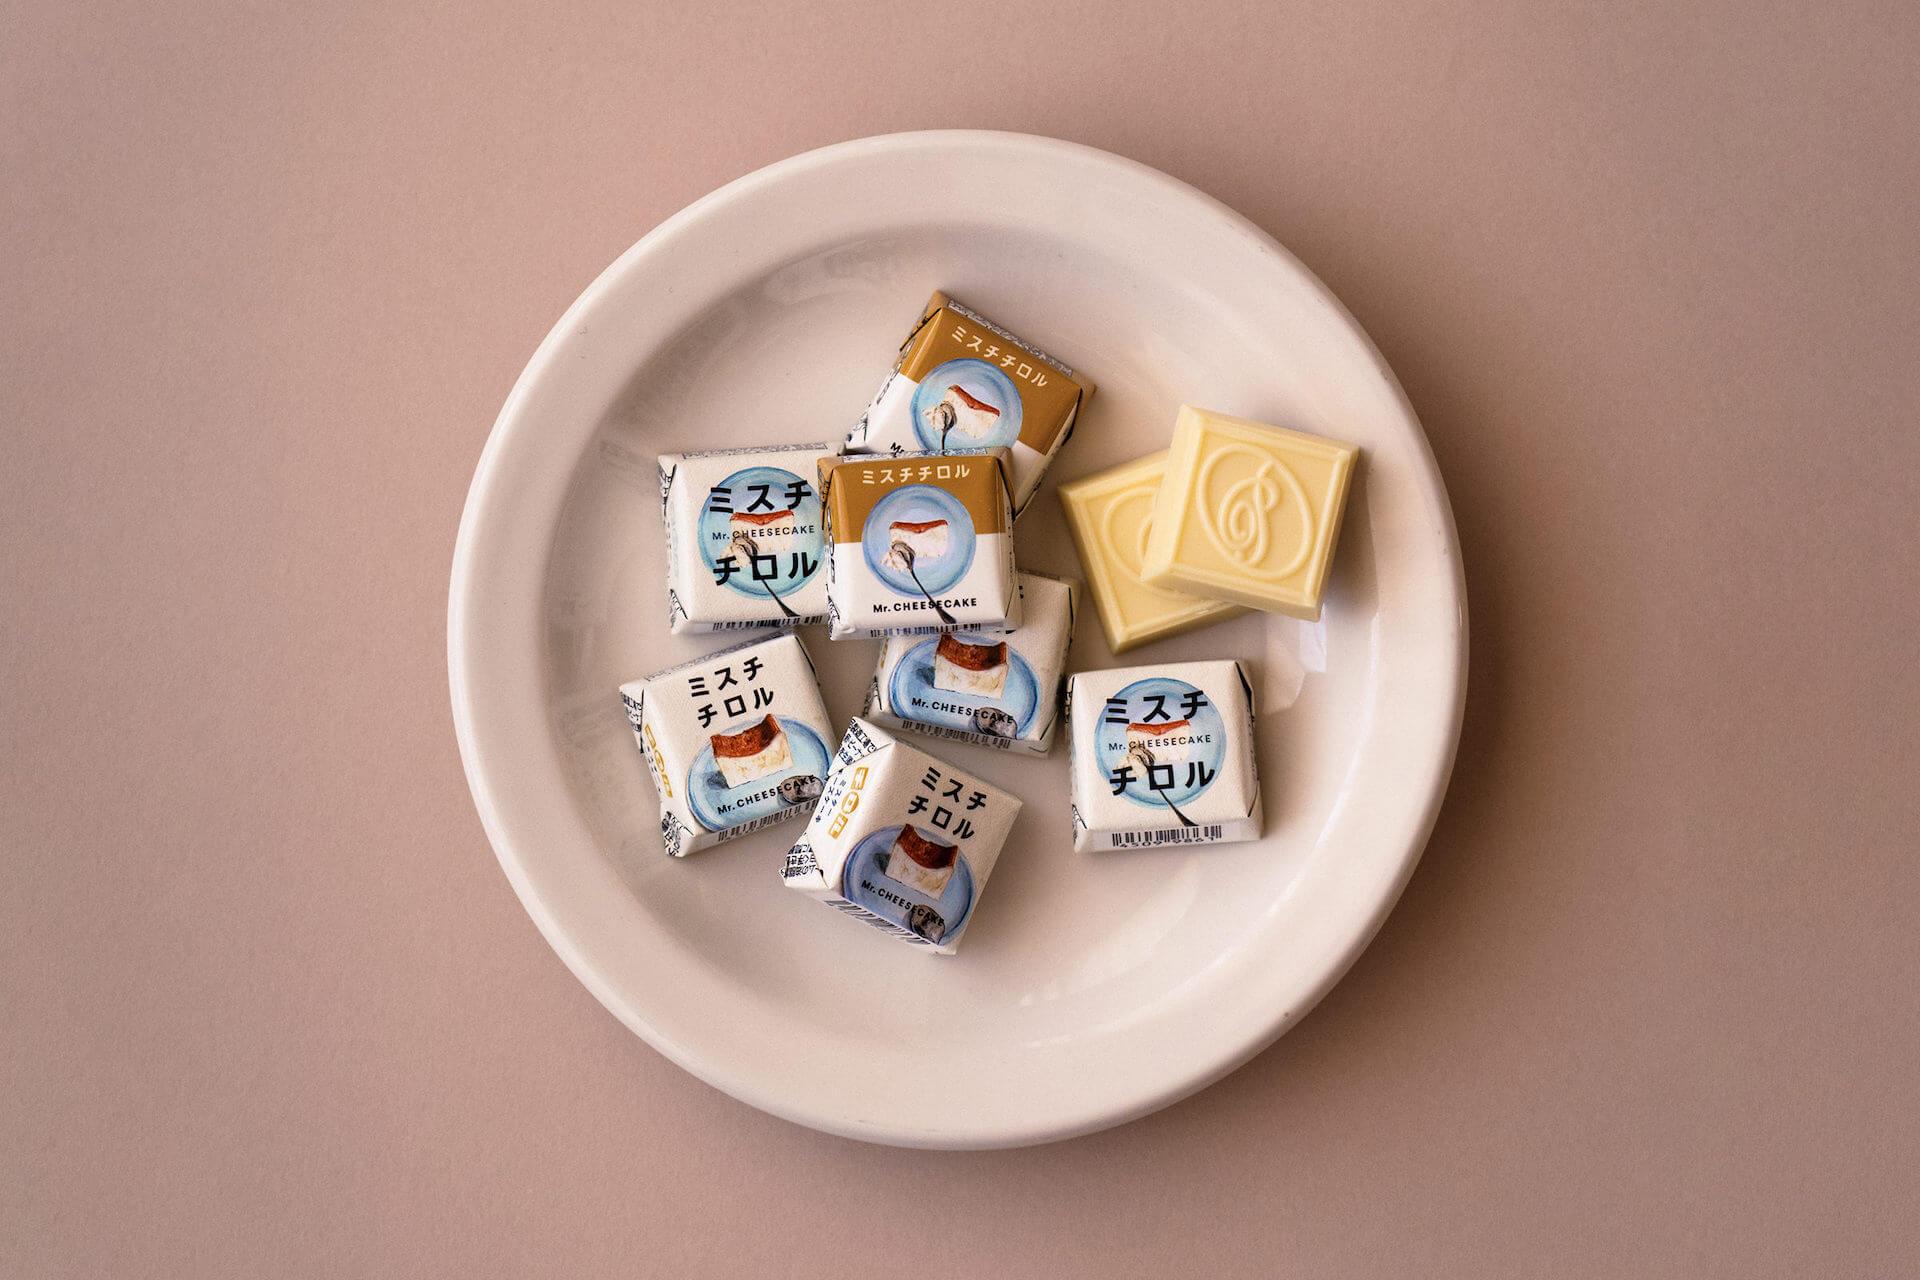 幻のチーズケーキMr. CHEESECAKEとチロルチョコが待望のコラボ!「人生最高のチーズケーキ」を再現したチロルチョコが数量限定で登場 gourmet201215_mecheesecake_chiroru_4